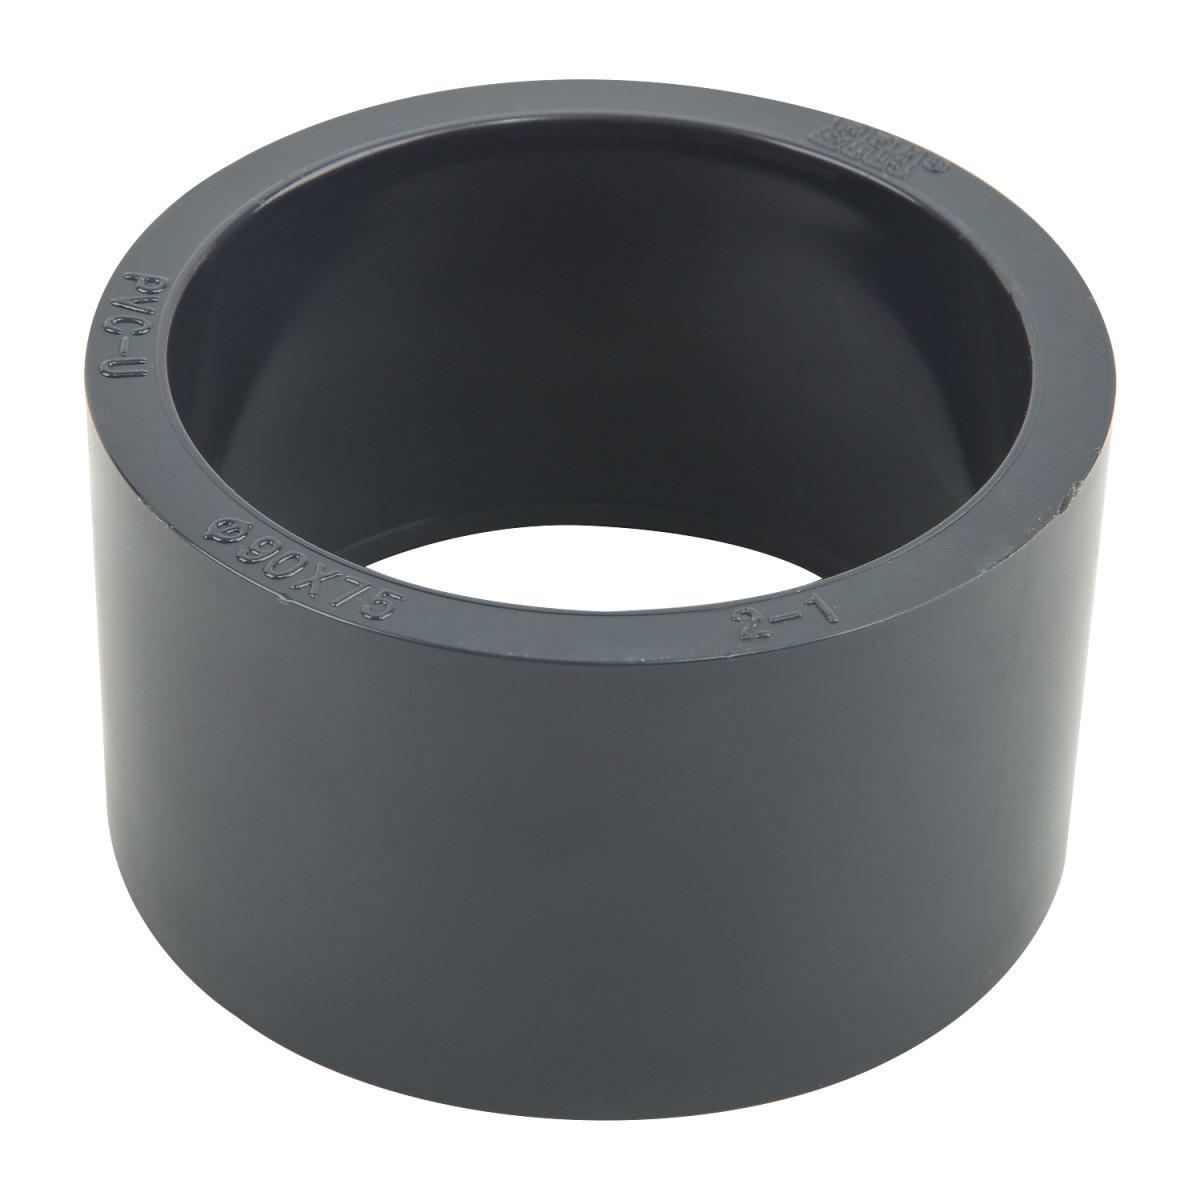 Редукционное кольцо ПВХ ERA 225х110 мм.